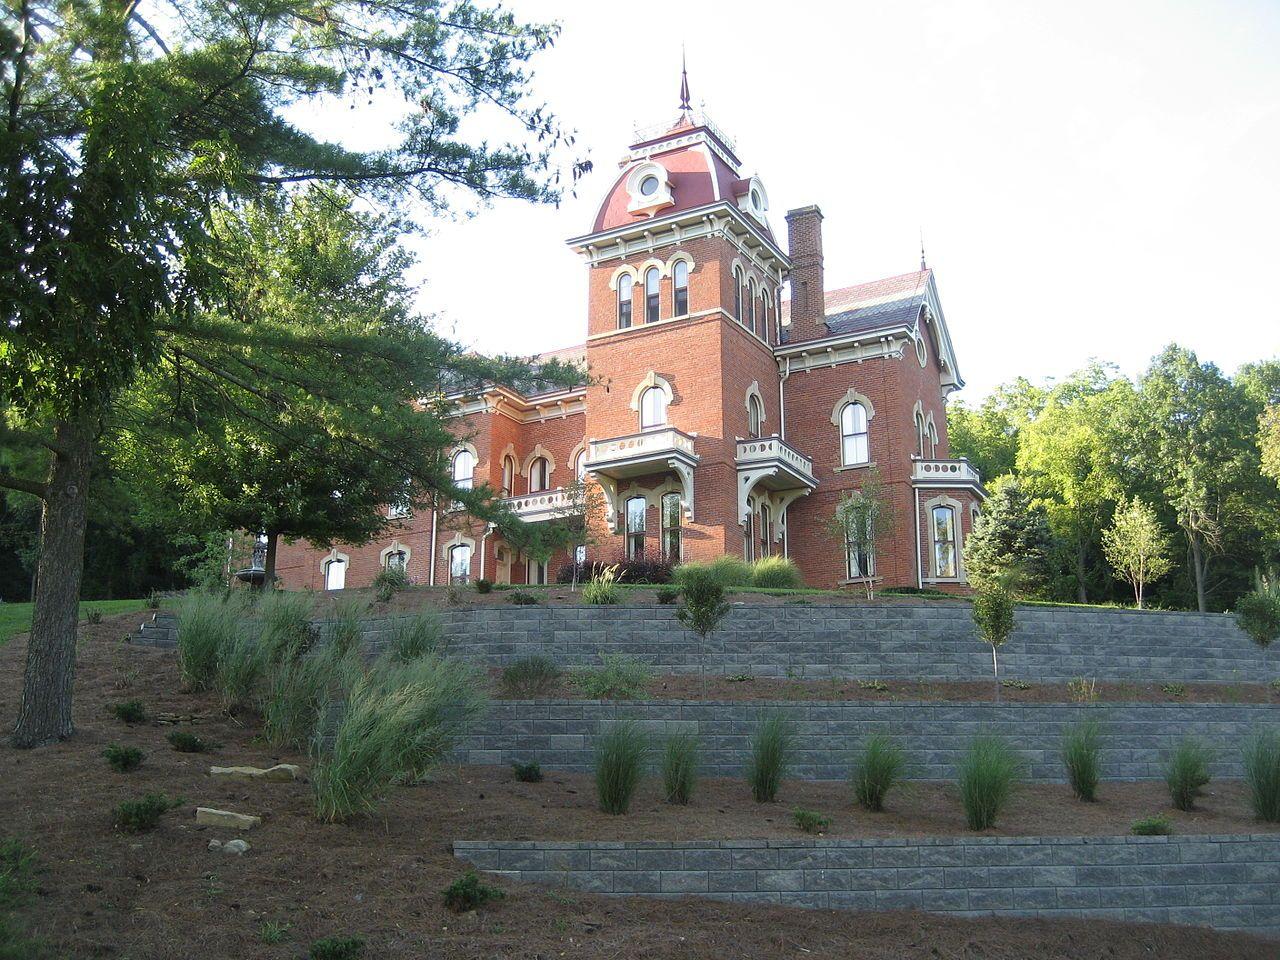 Benjamin Schenck Mansion in Switzerland County, Indiana